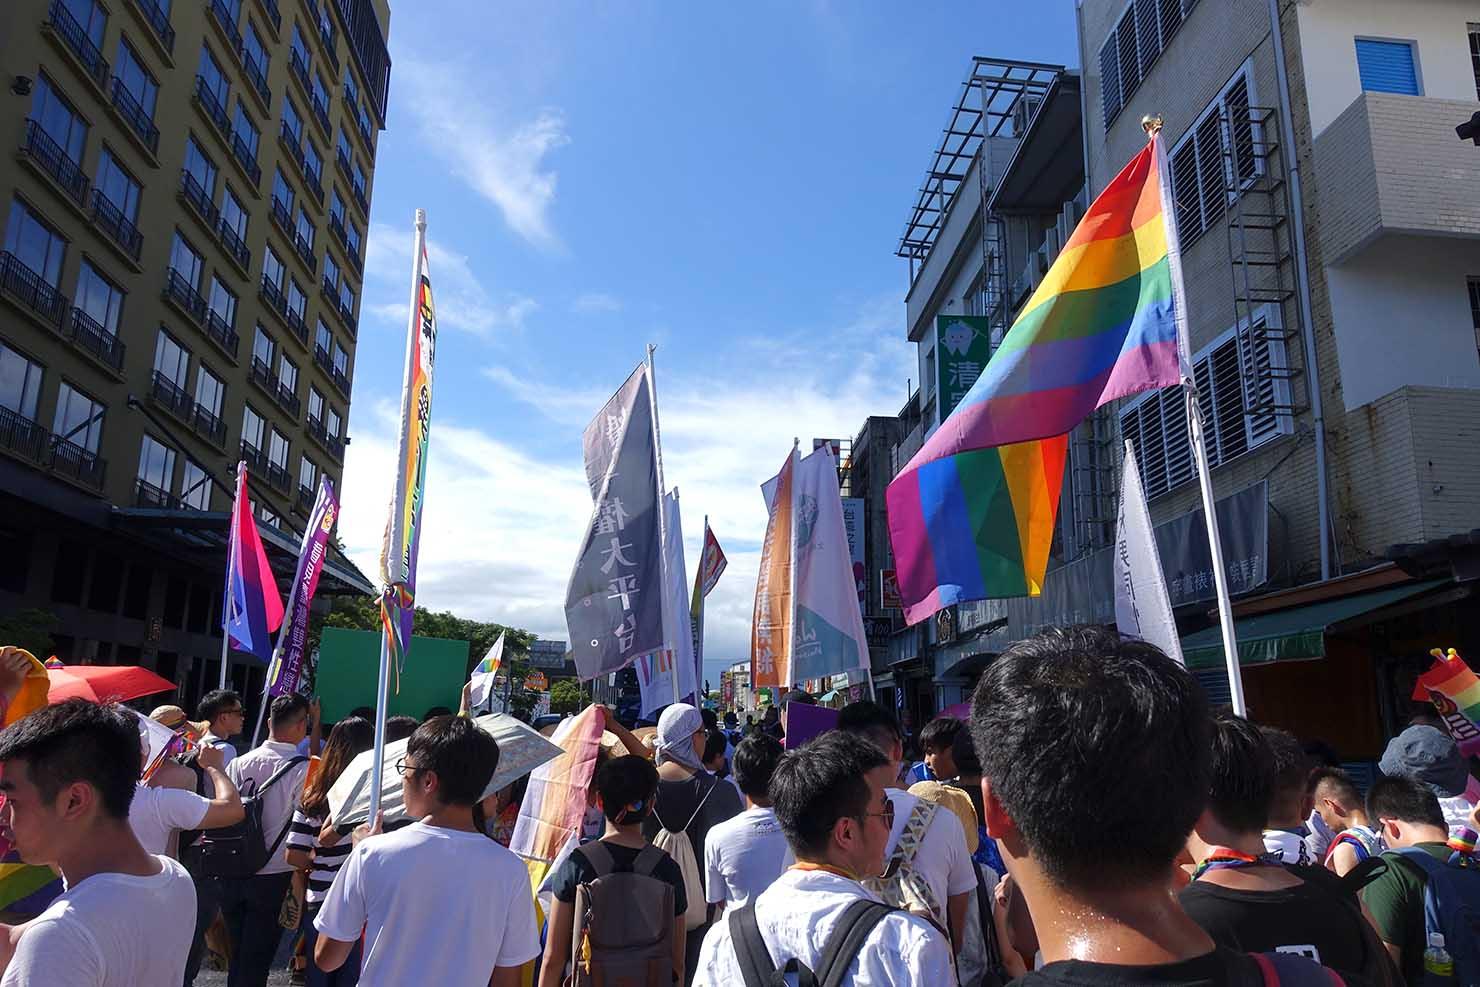 青い空にレインボーフラッグがはためく台湾東部のLGBTプライド「花東彩虹嘉年華」の一幕